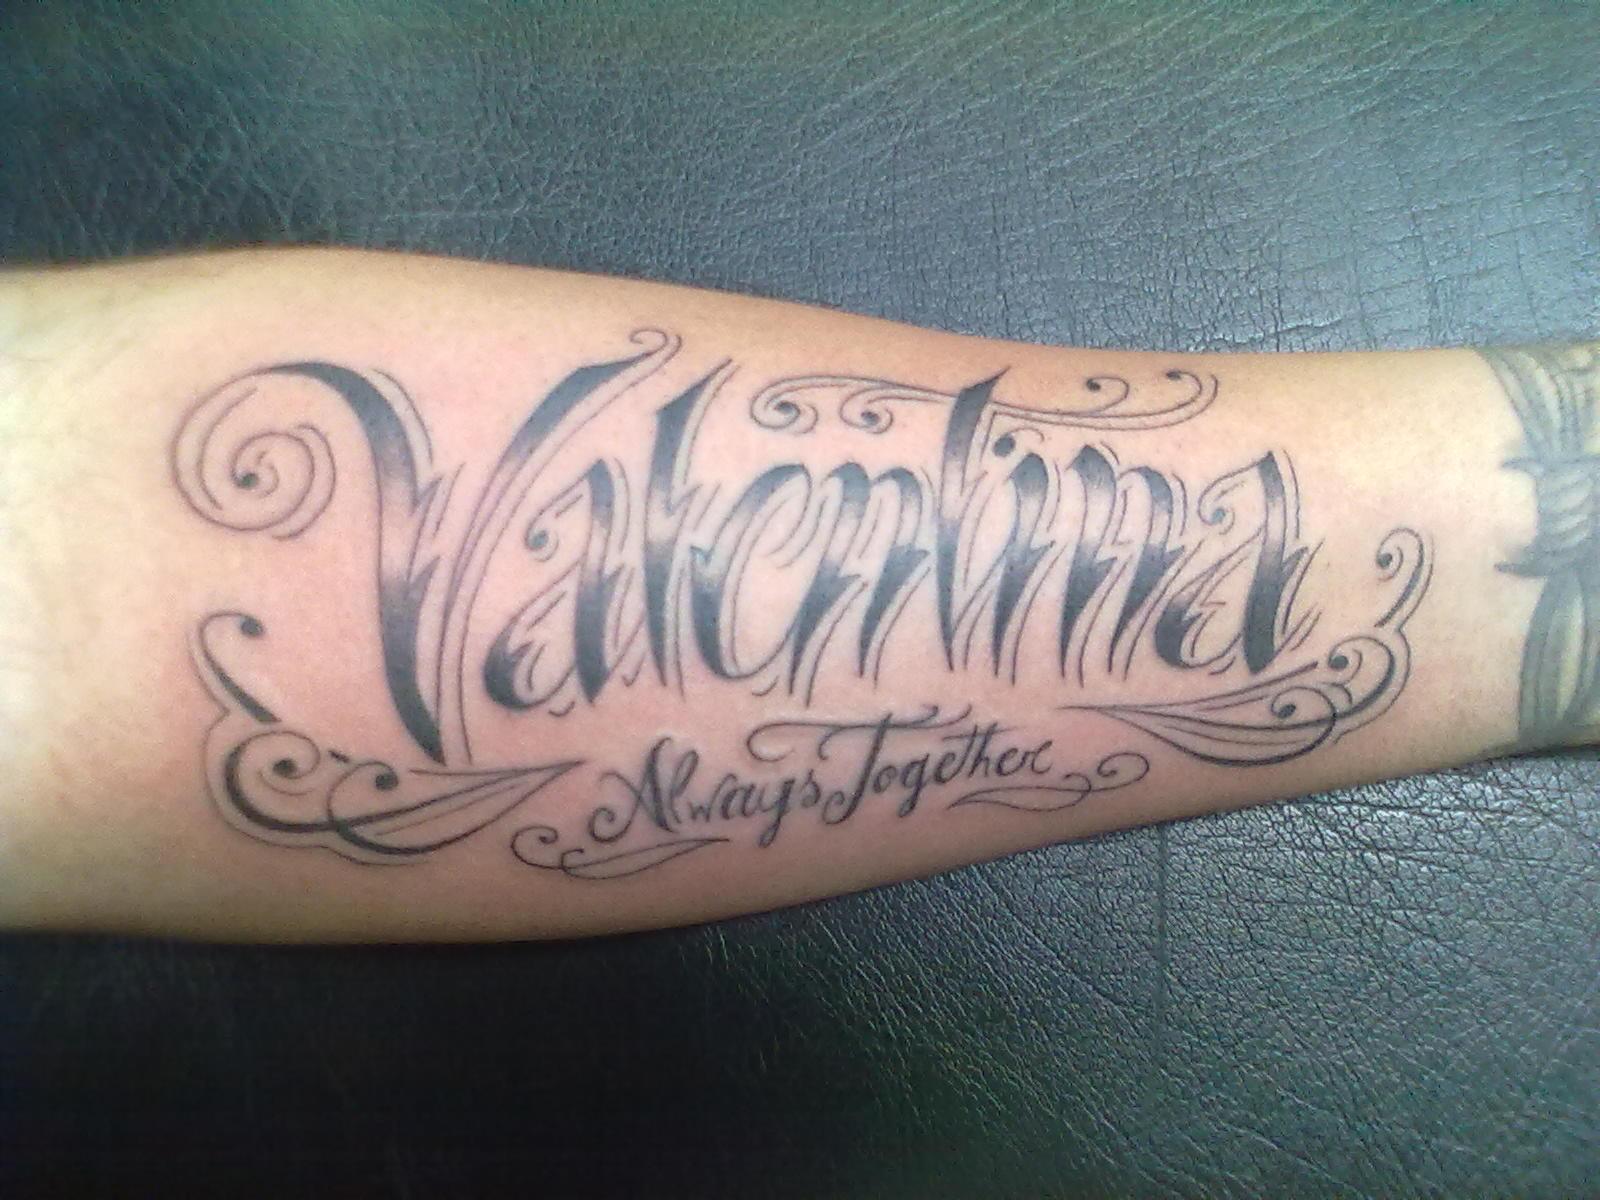 Tatuajes de nombre en el brazo 5